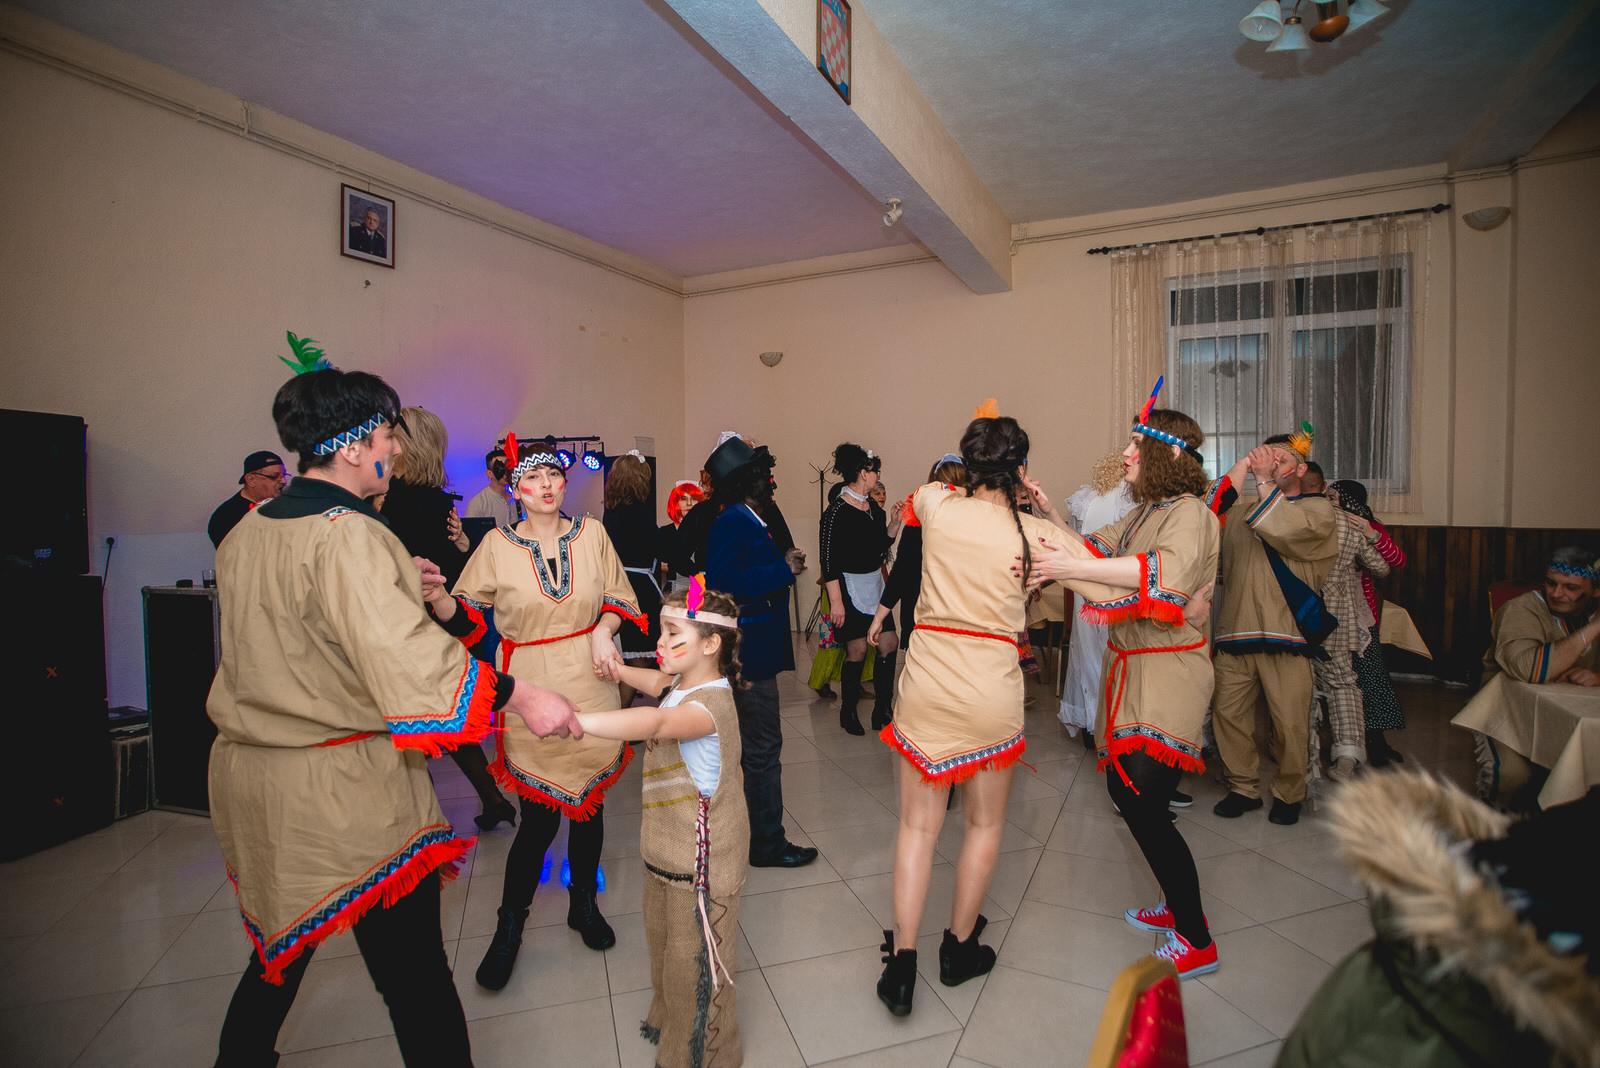 likaclub_maškare-žabica-gospić_2019-22